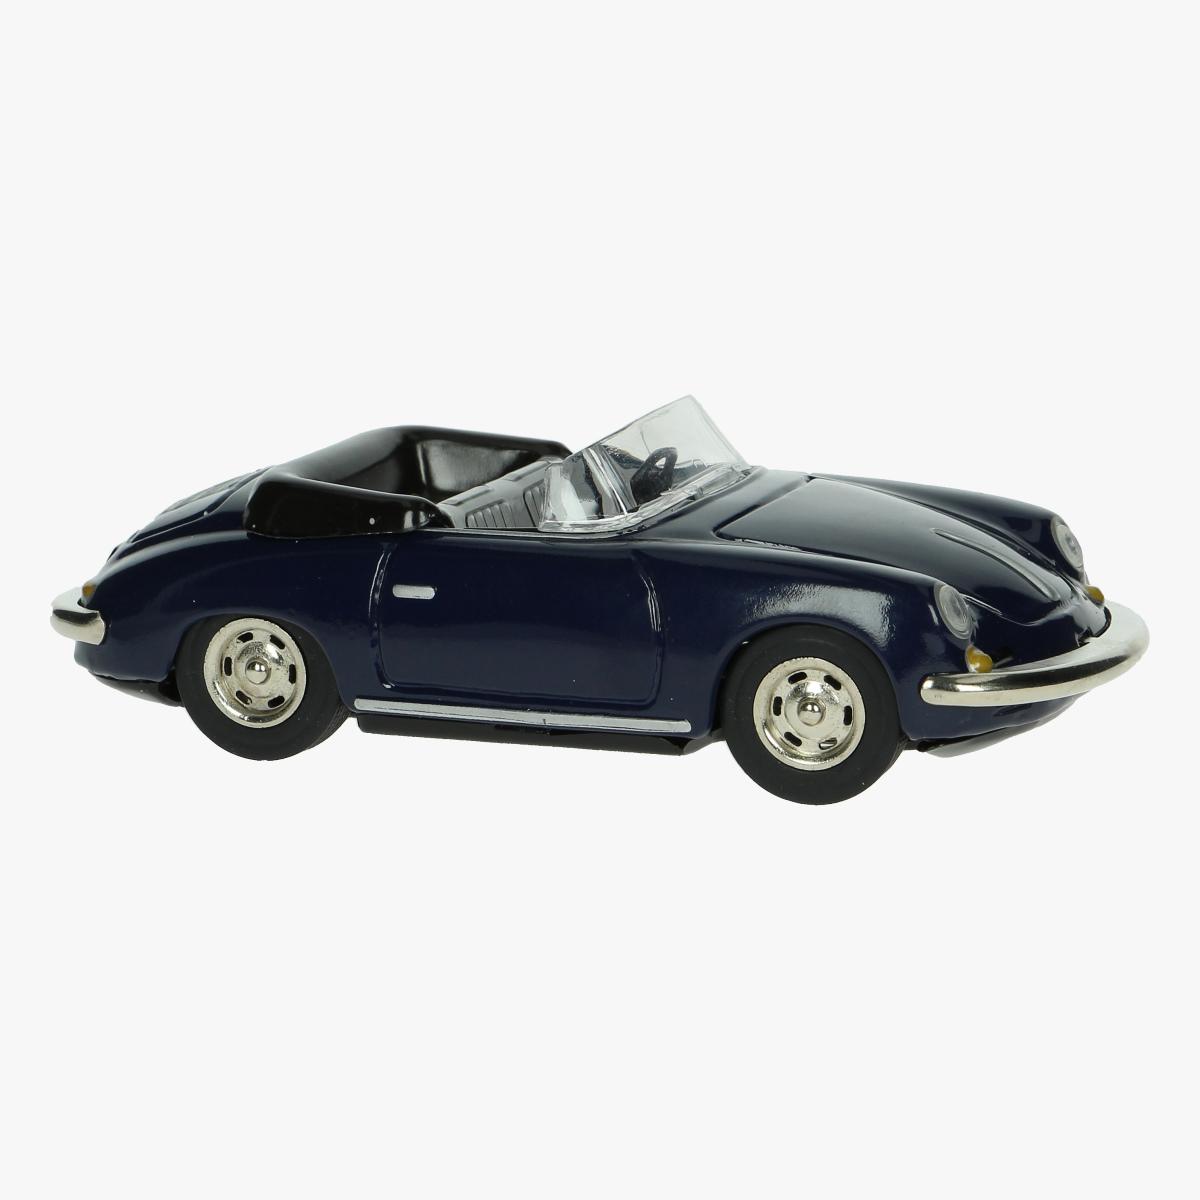 Afbeeldingen van blikken 356 carrea cabriolet repro opwindbaar